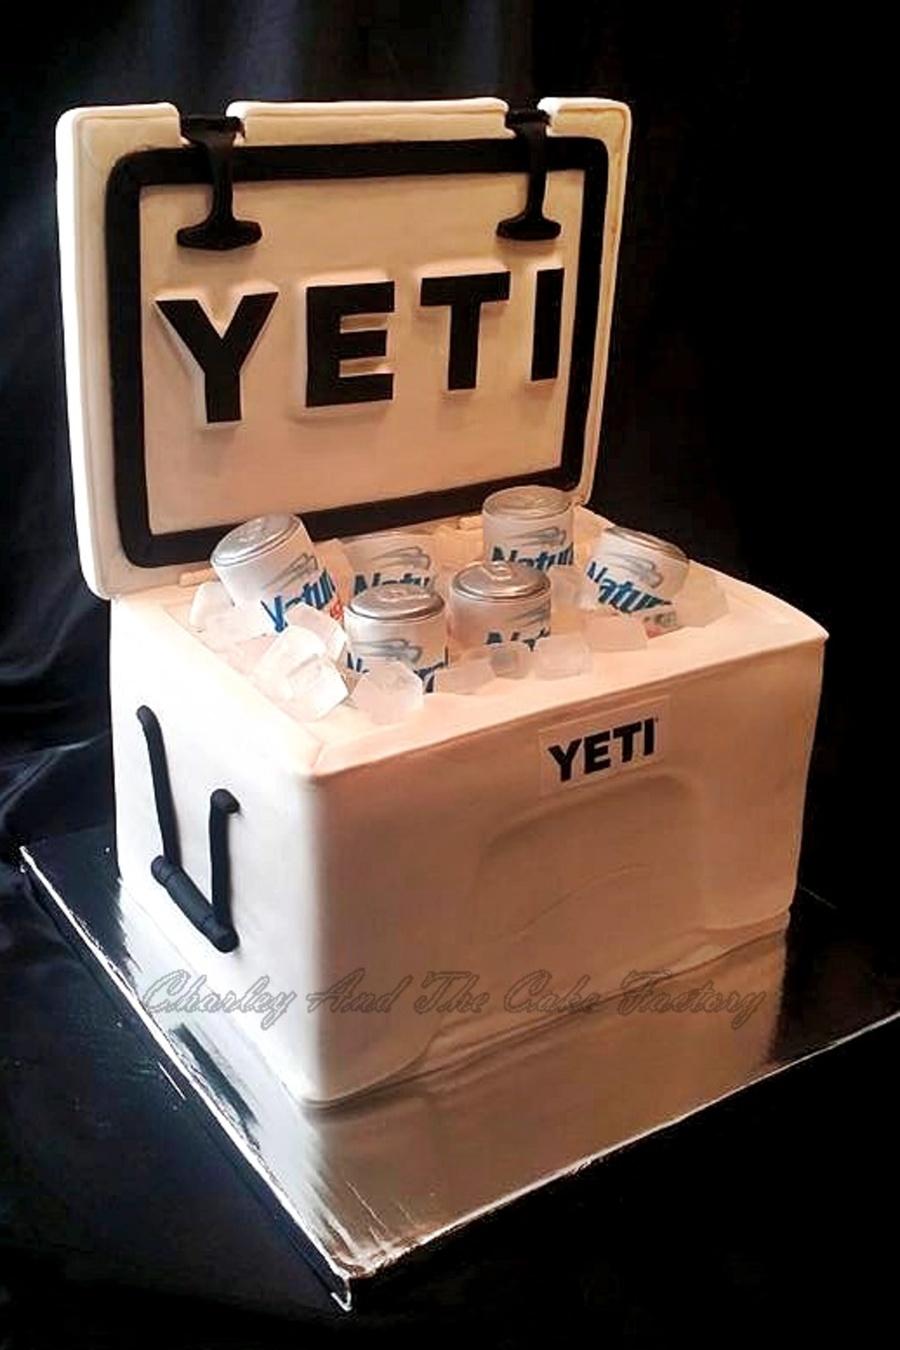 Yeti Cooler Cake Tutorial